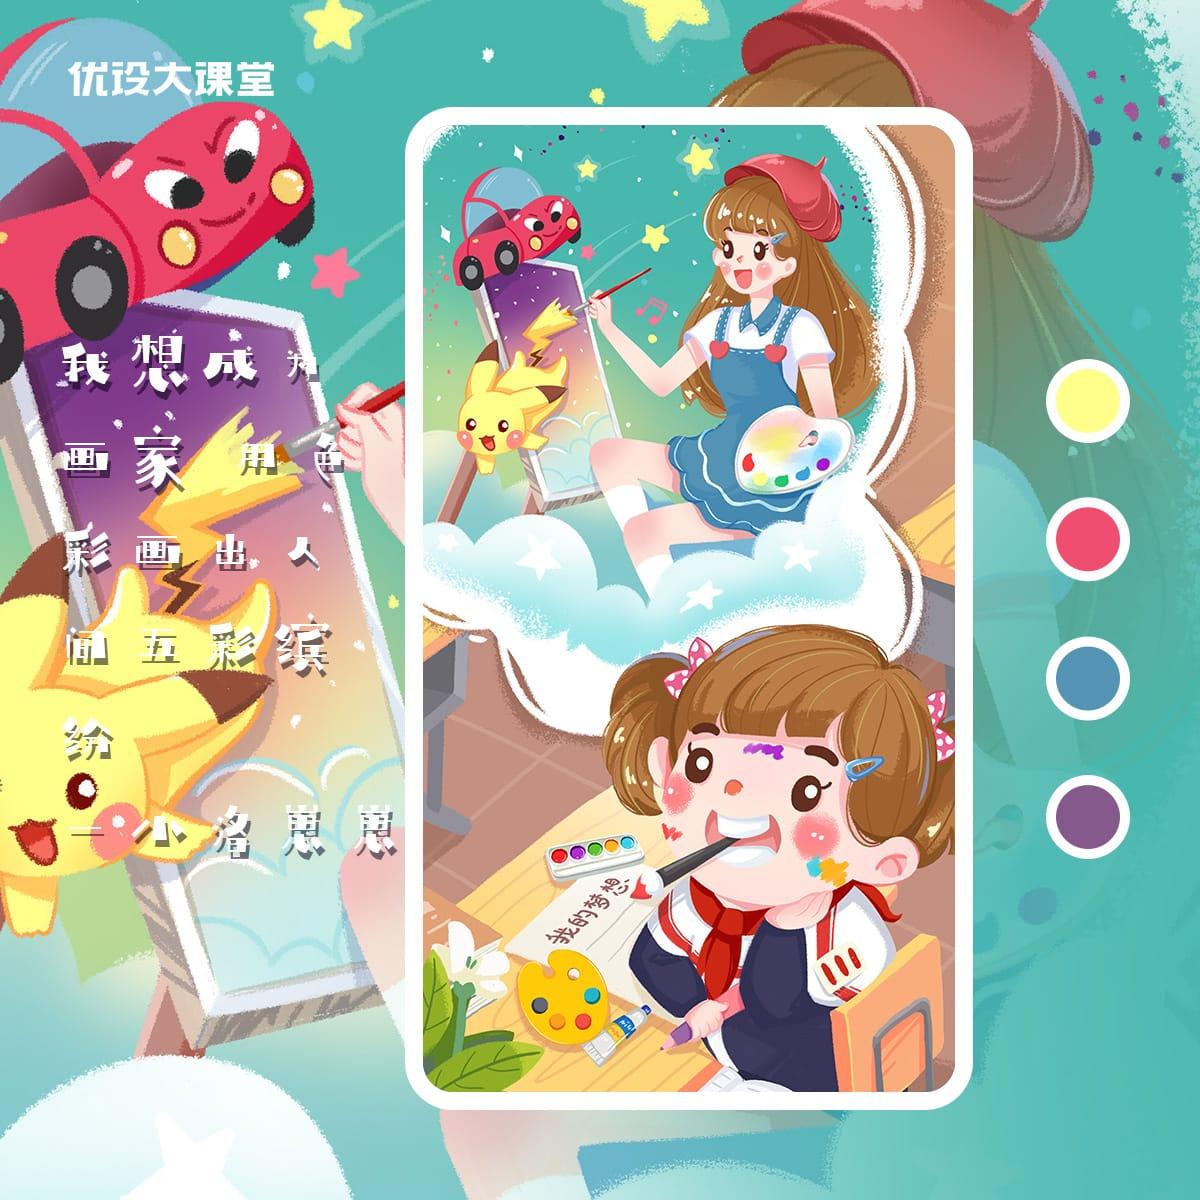 儿时的梦想!9款儿童节闪屏插画设计